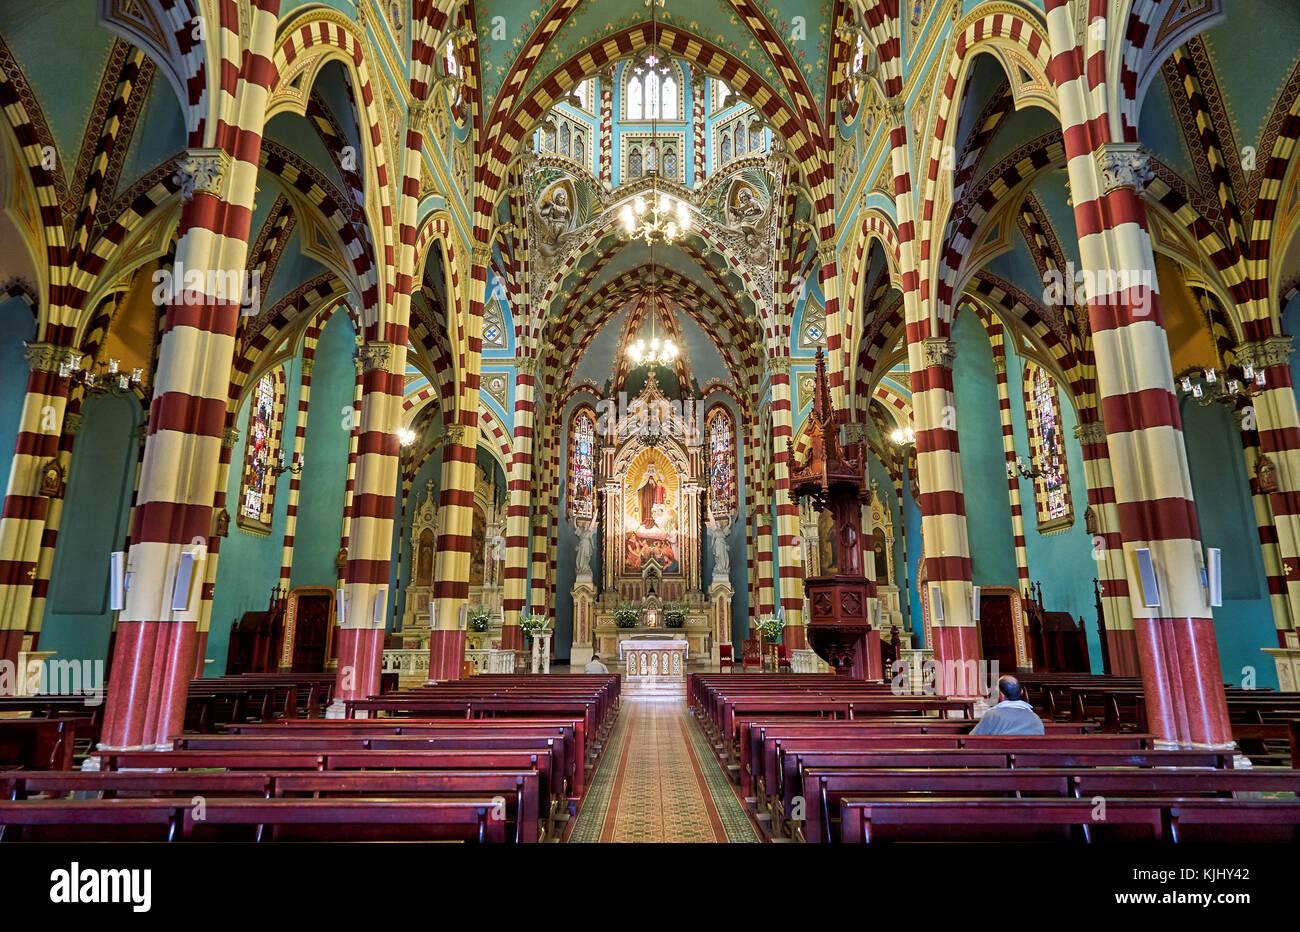 Tourné de l'intérieur de l'église santuario nuestra Señora del Carmen, Bogota, Colombie, Photo Stock